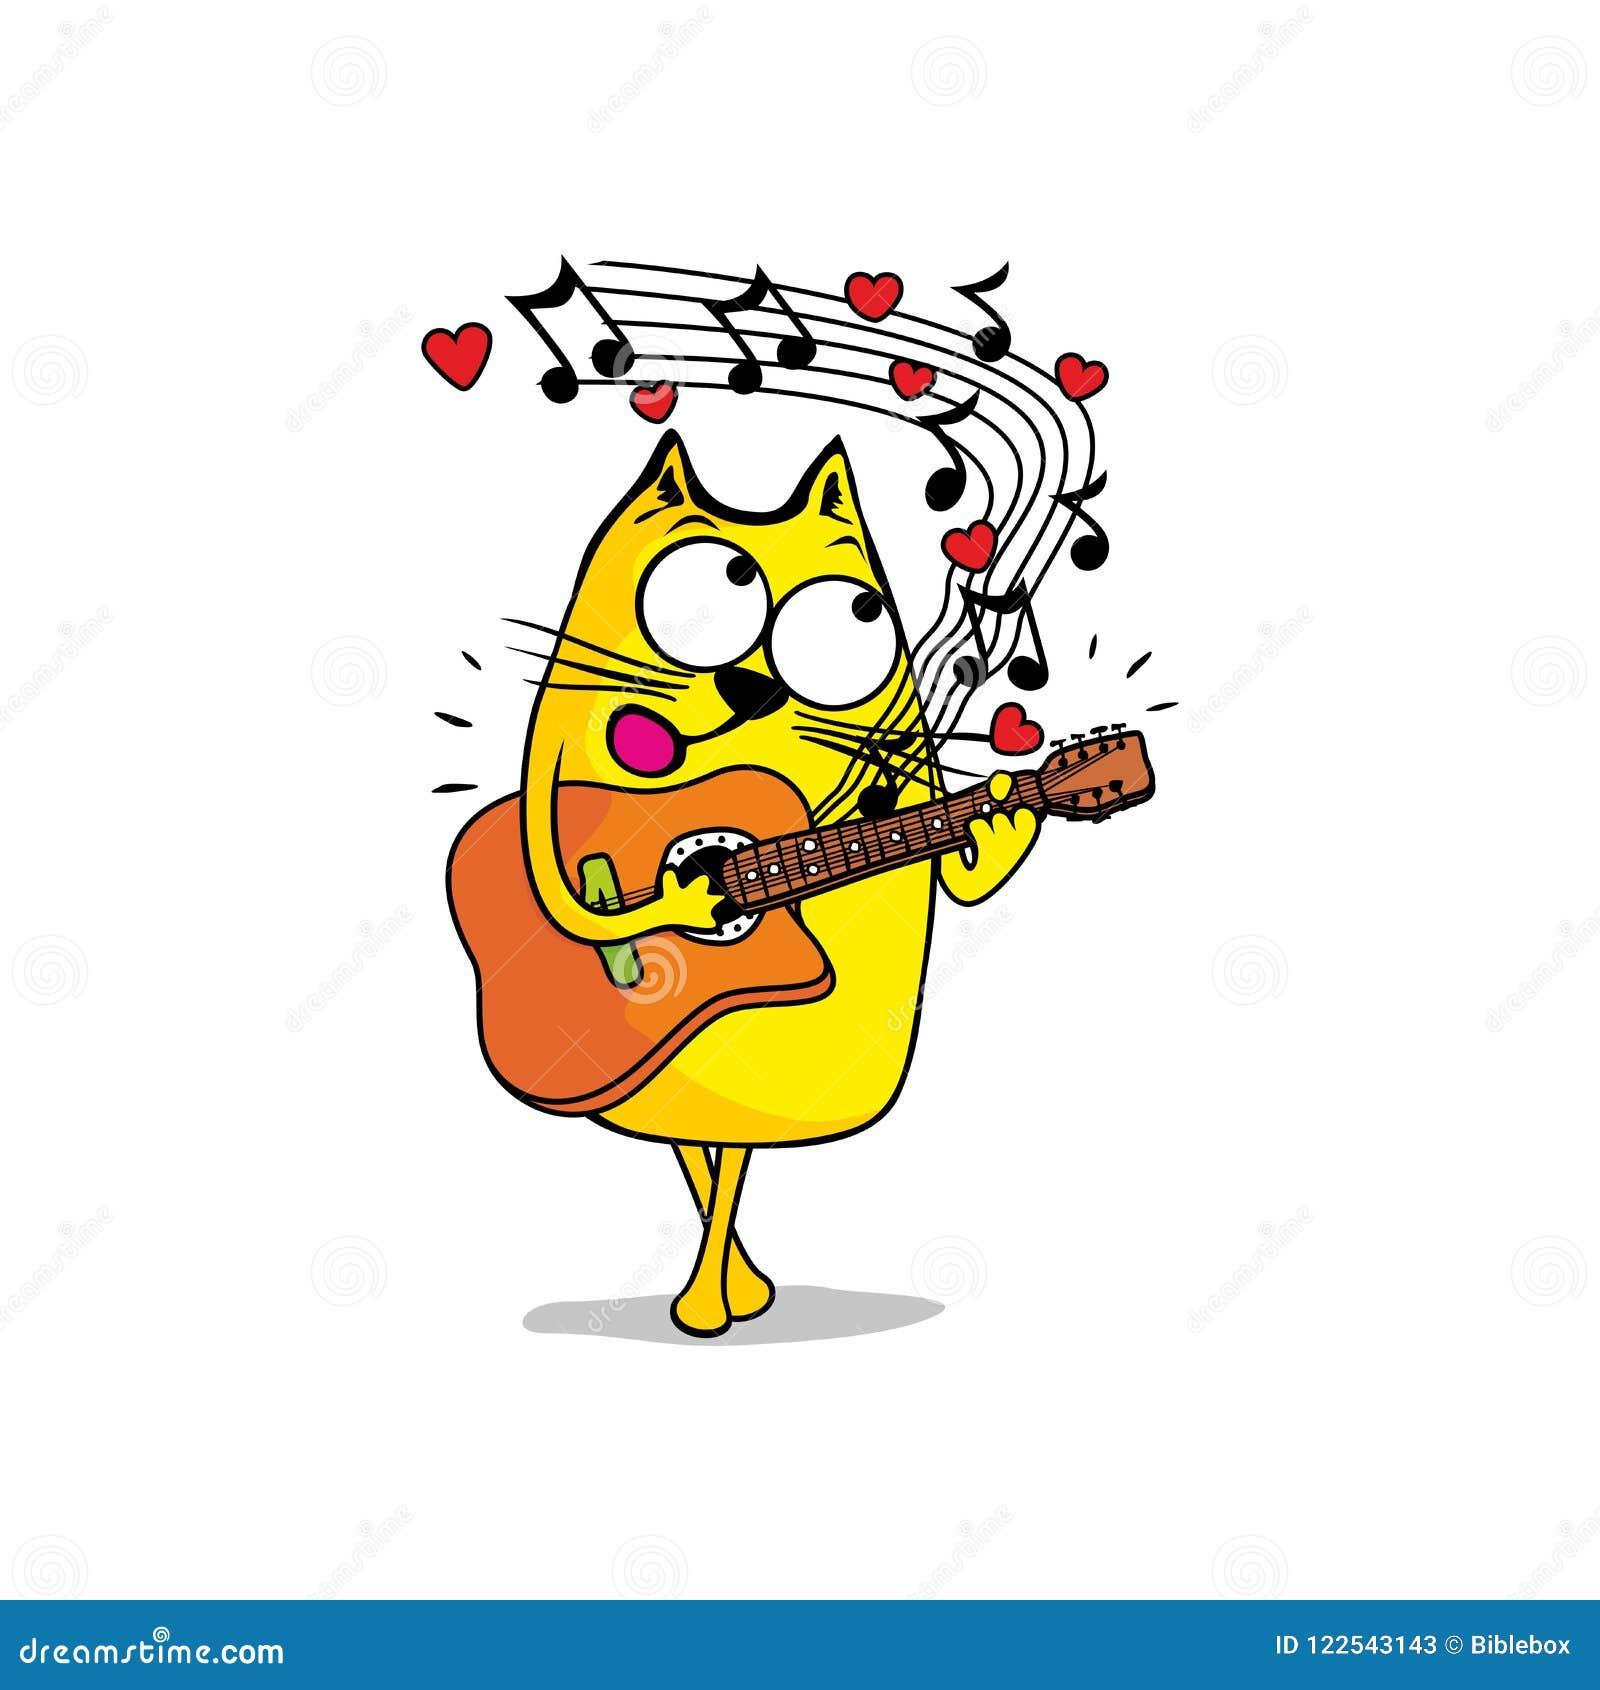 Tecknad filmcommandertryckspruta hans illustrationsoldatstopwatch Katten sjunger en förälskelseserenad